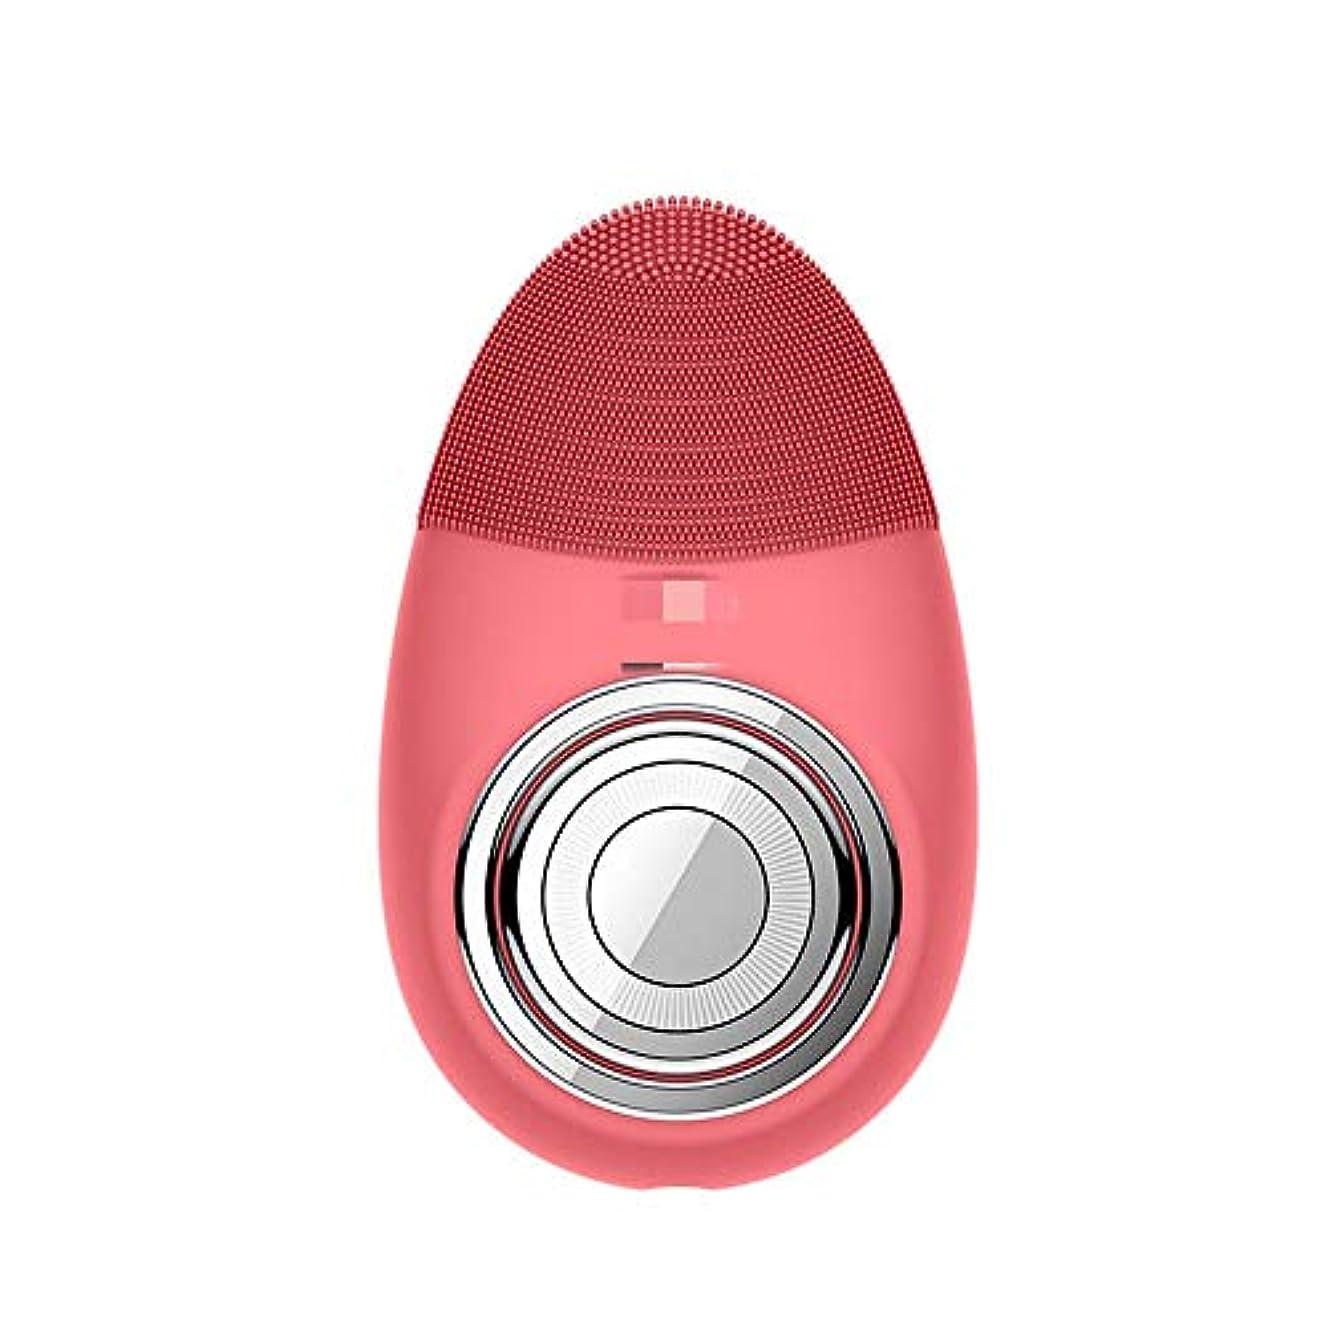 昇進懲戒オープナーChaopeng 多機能電気恒温シリコーンクレンジング楽器赤灯肌清潔毛穴クリーナー輸入機器美容機器 (Color : Red)